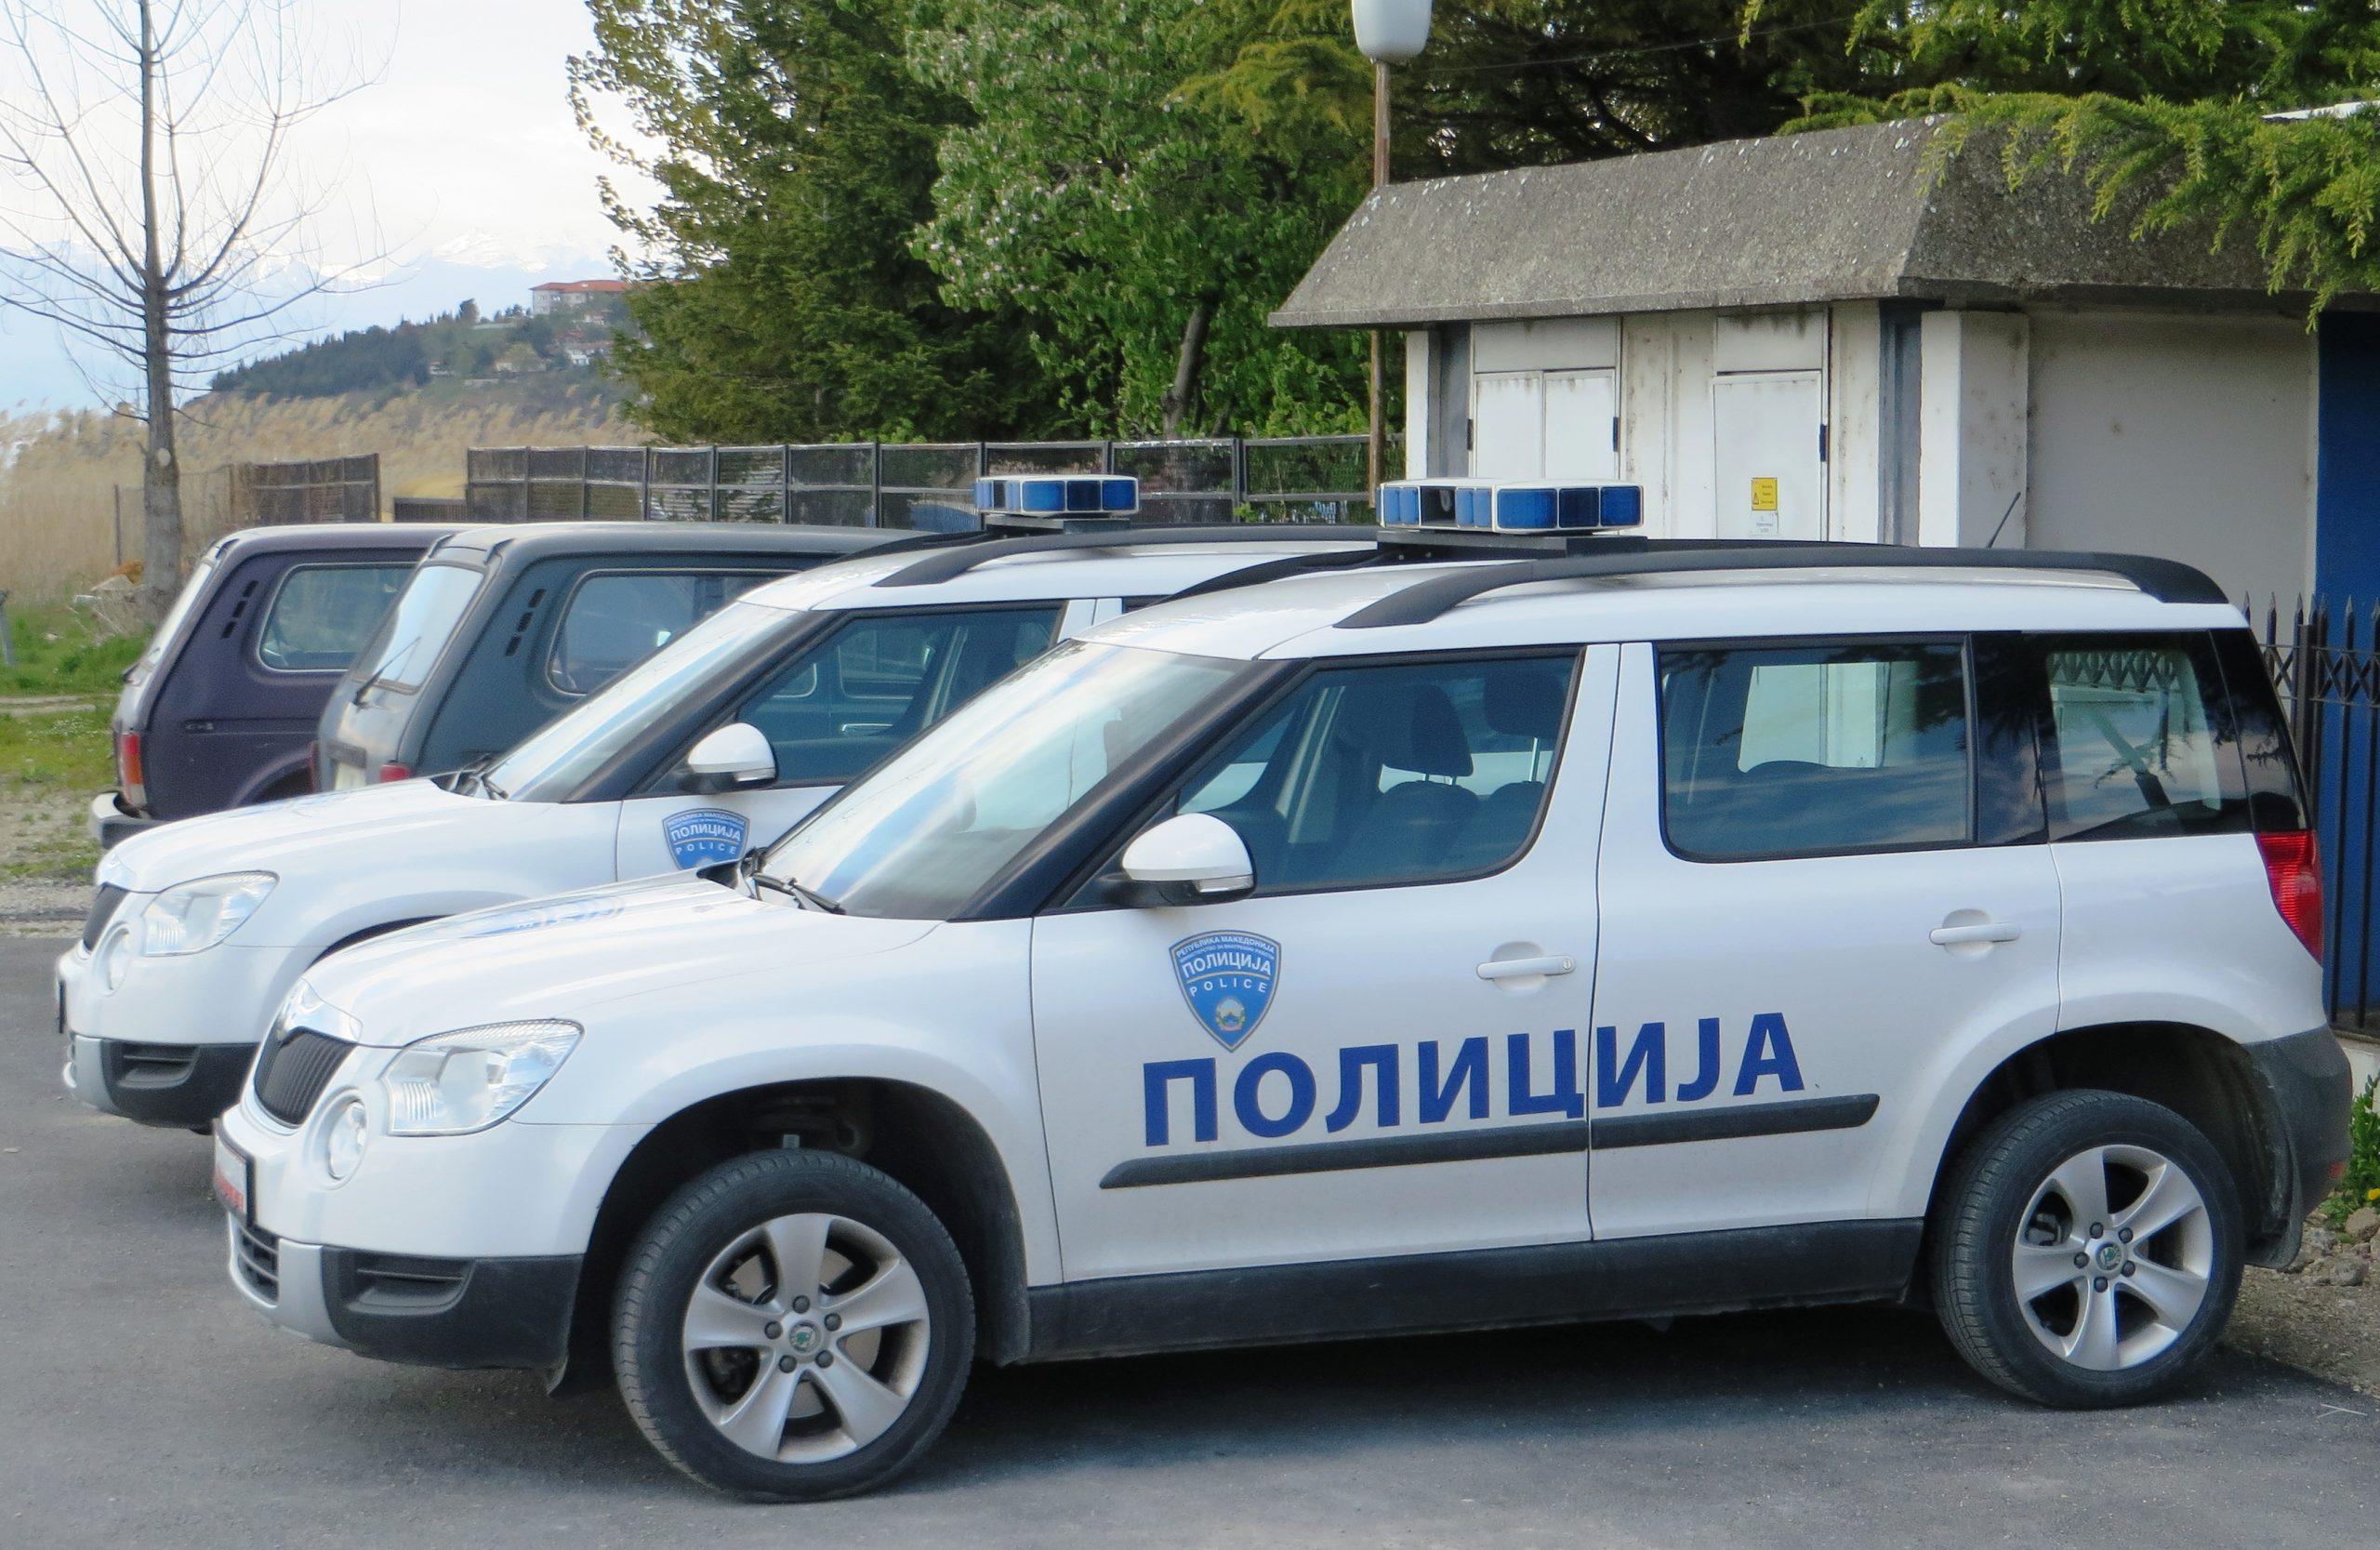 مقدونیه شمالی scaled - دستگیر شدن ۴ پناهجوی افغان توسط پولیس مقدونیه شمالی